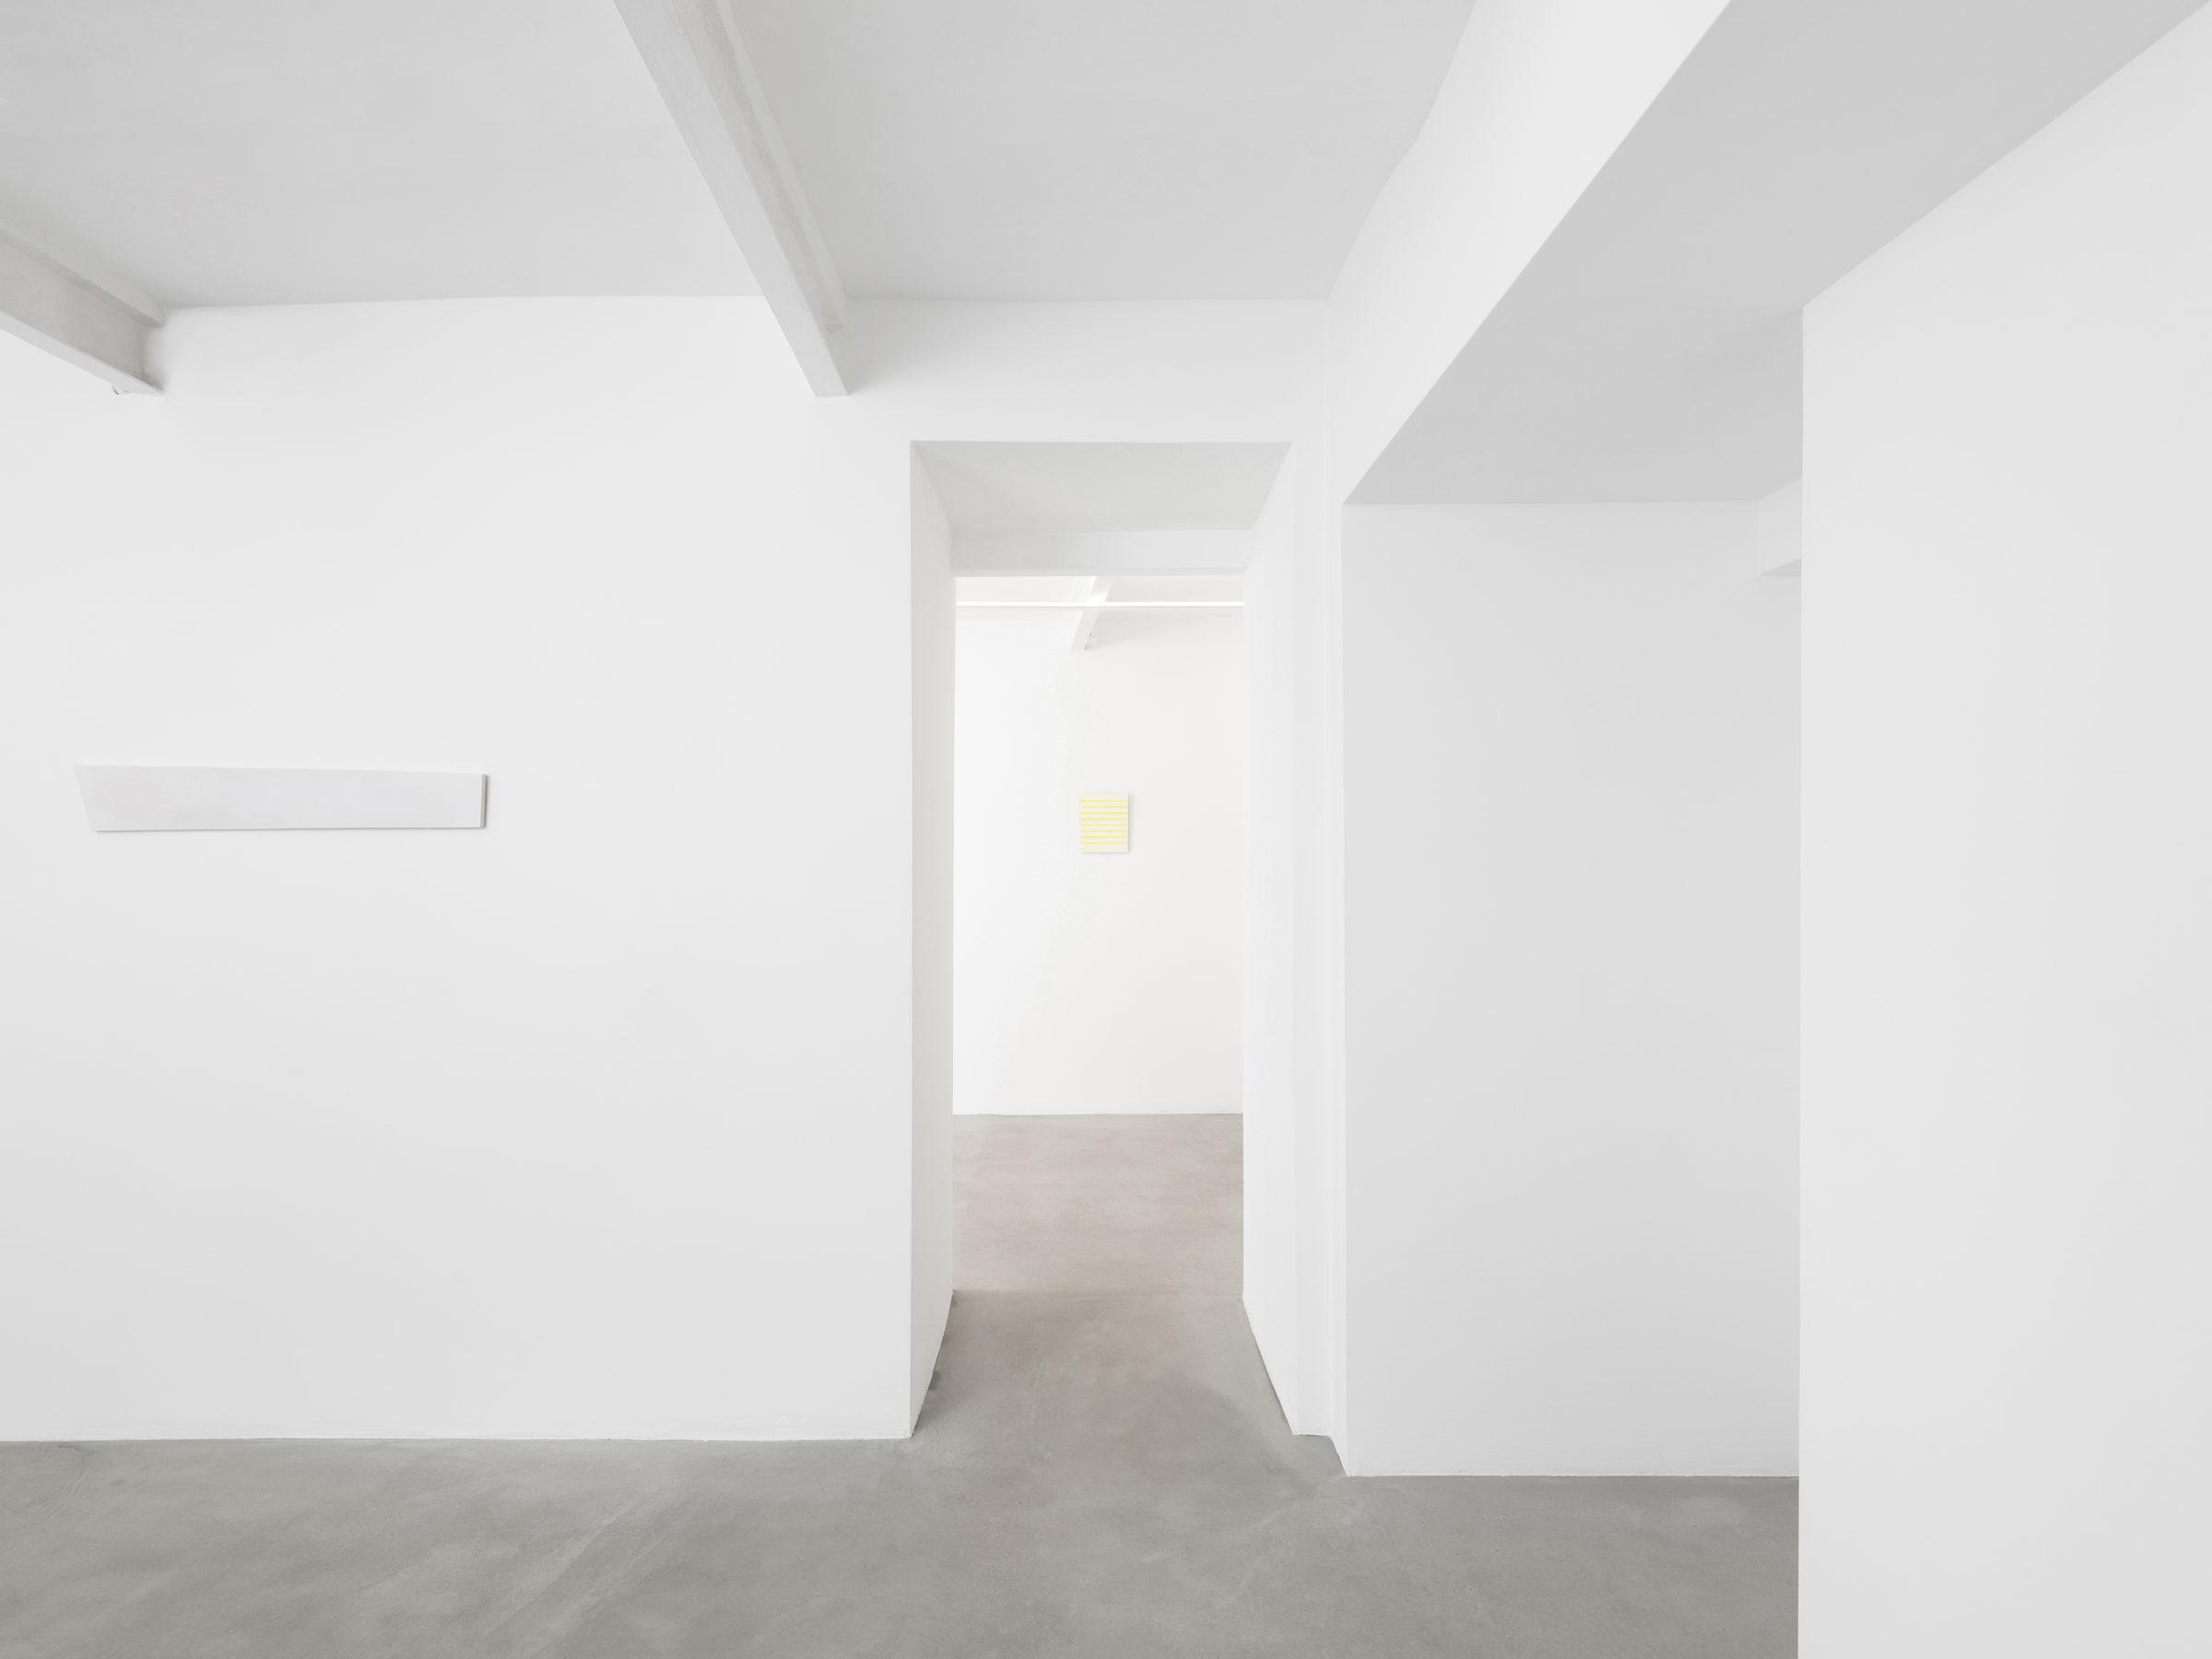 Michele Lombrdelli, Fluo Galleria Arrivada, Milano Foto, Cosimo Filippini 2019